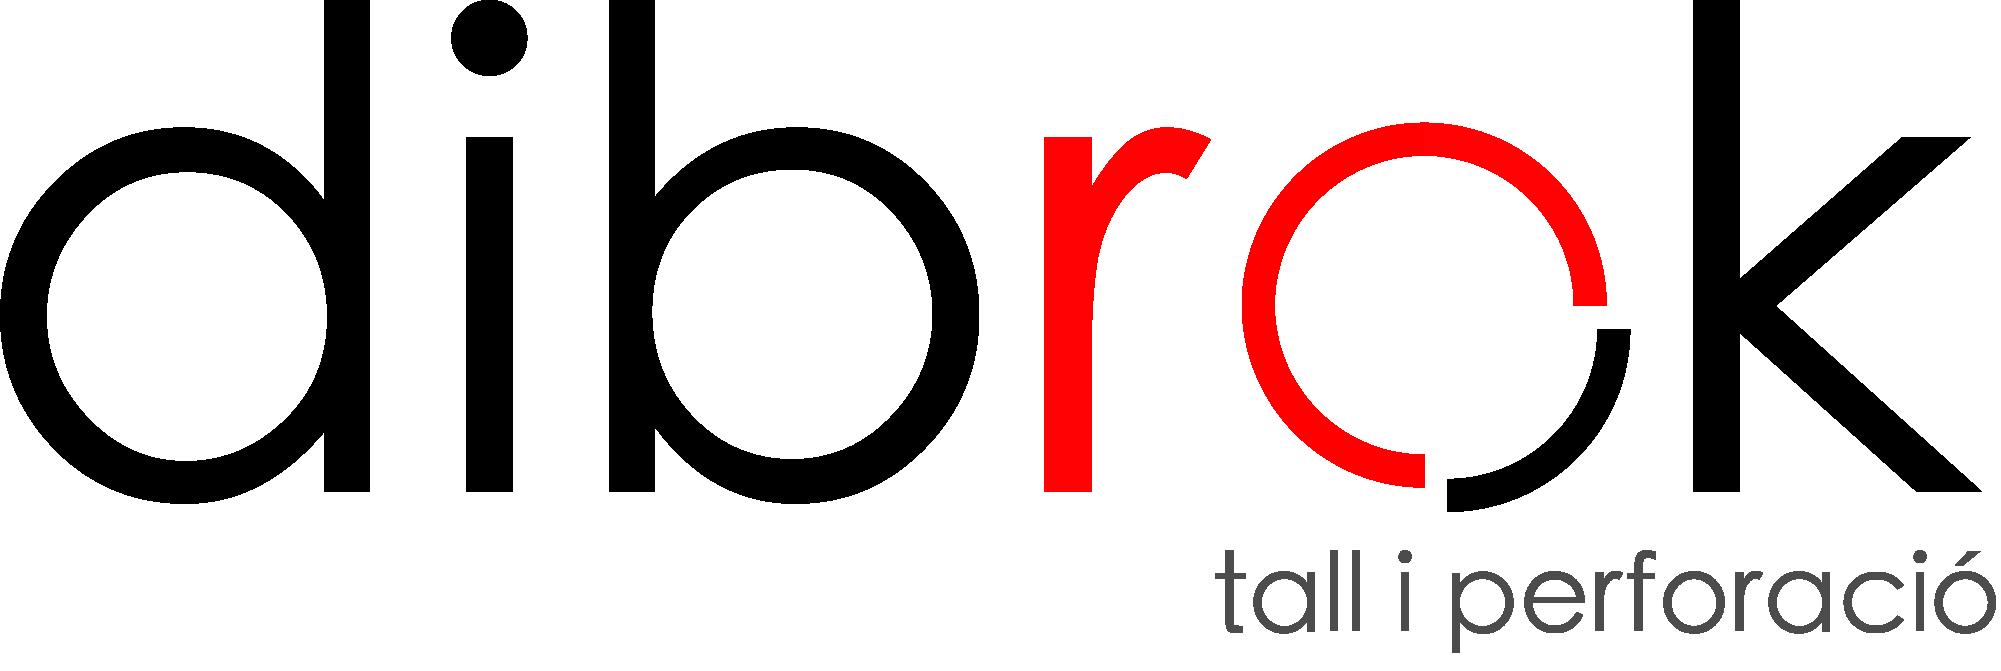 DIBROK – Tall i Perforació de formigó Logo